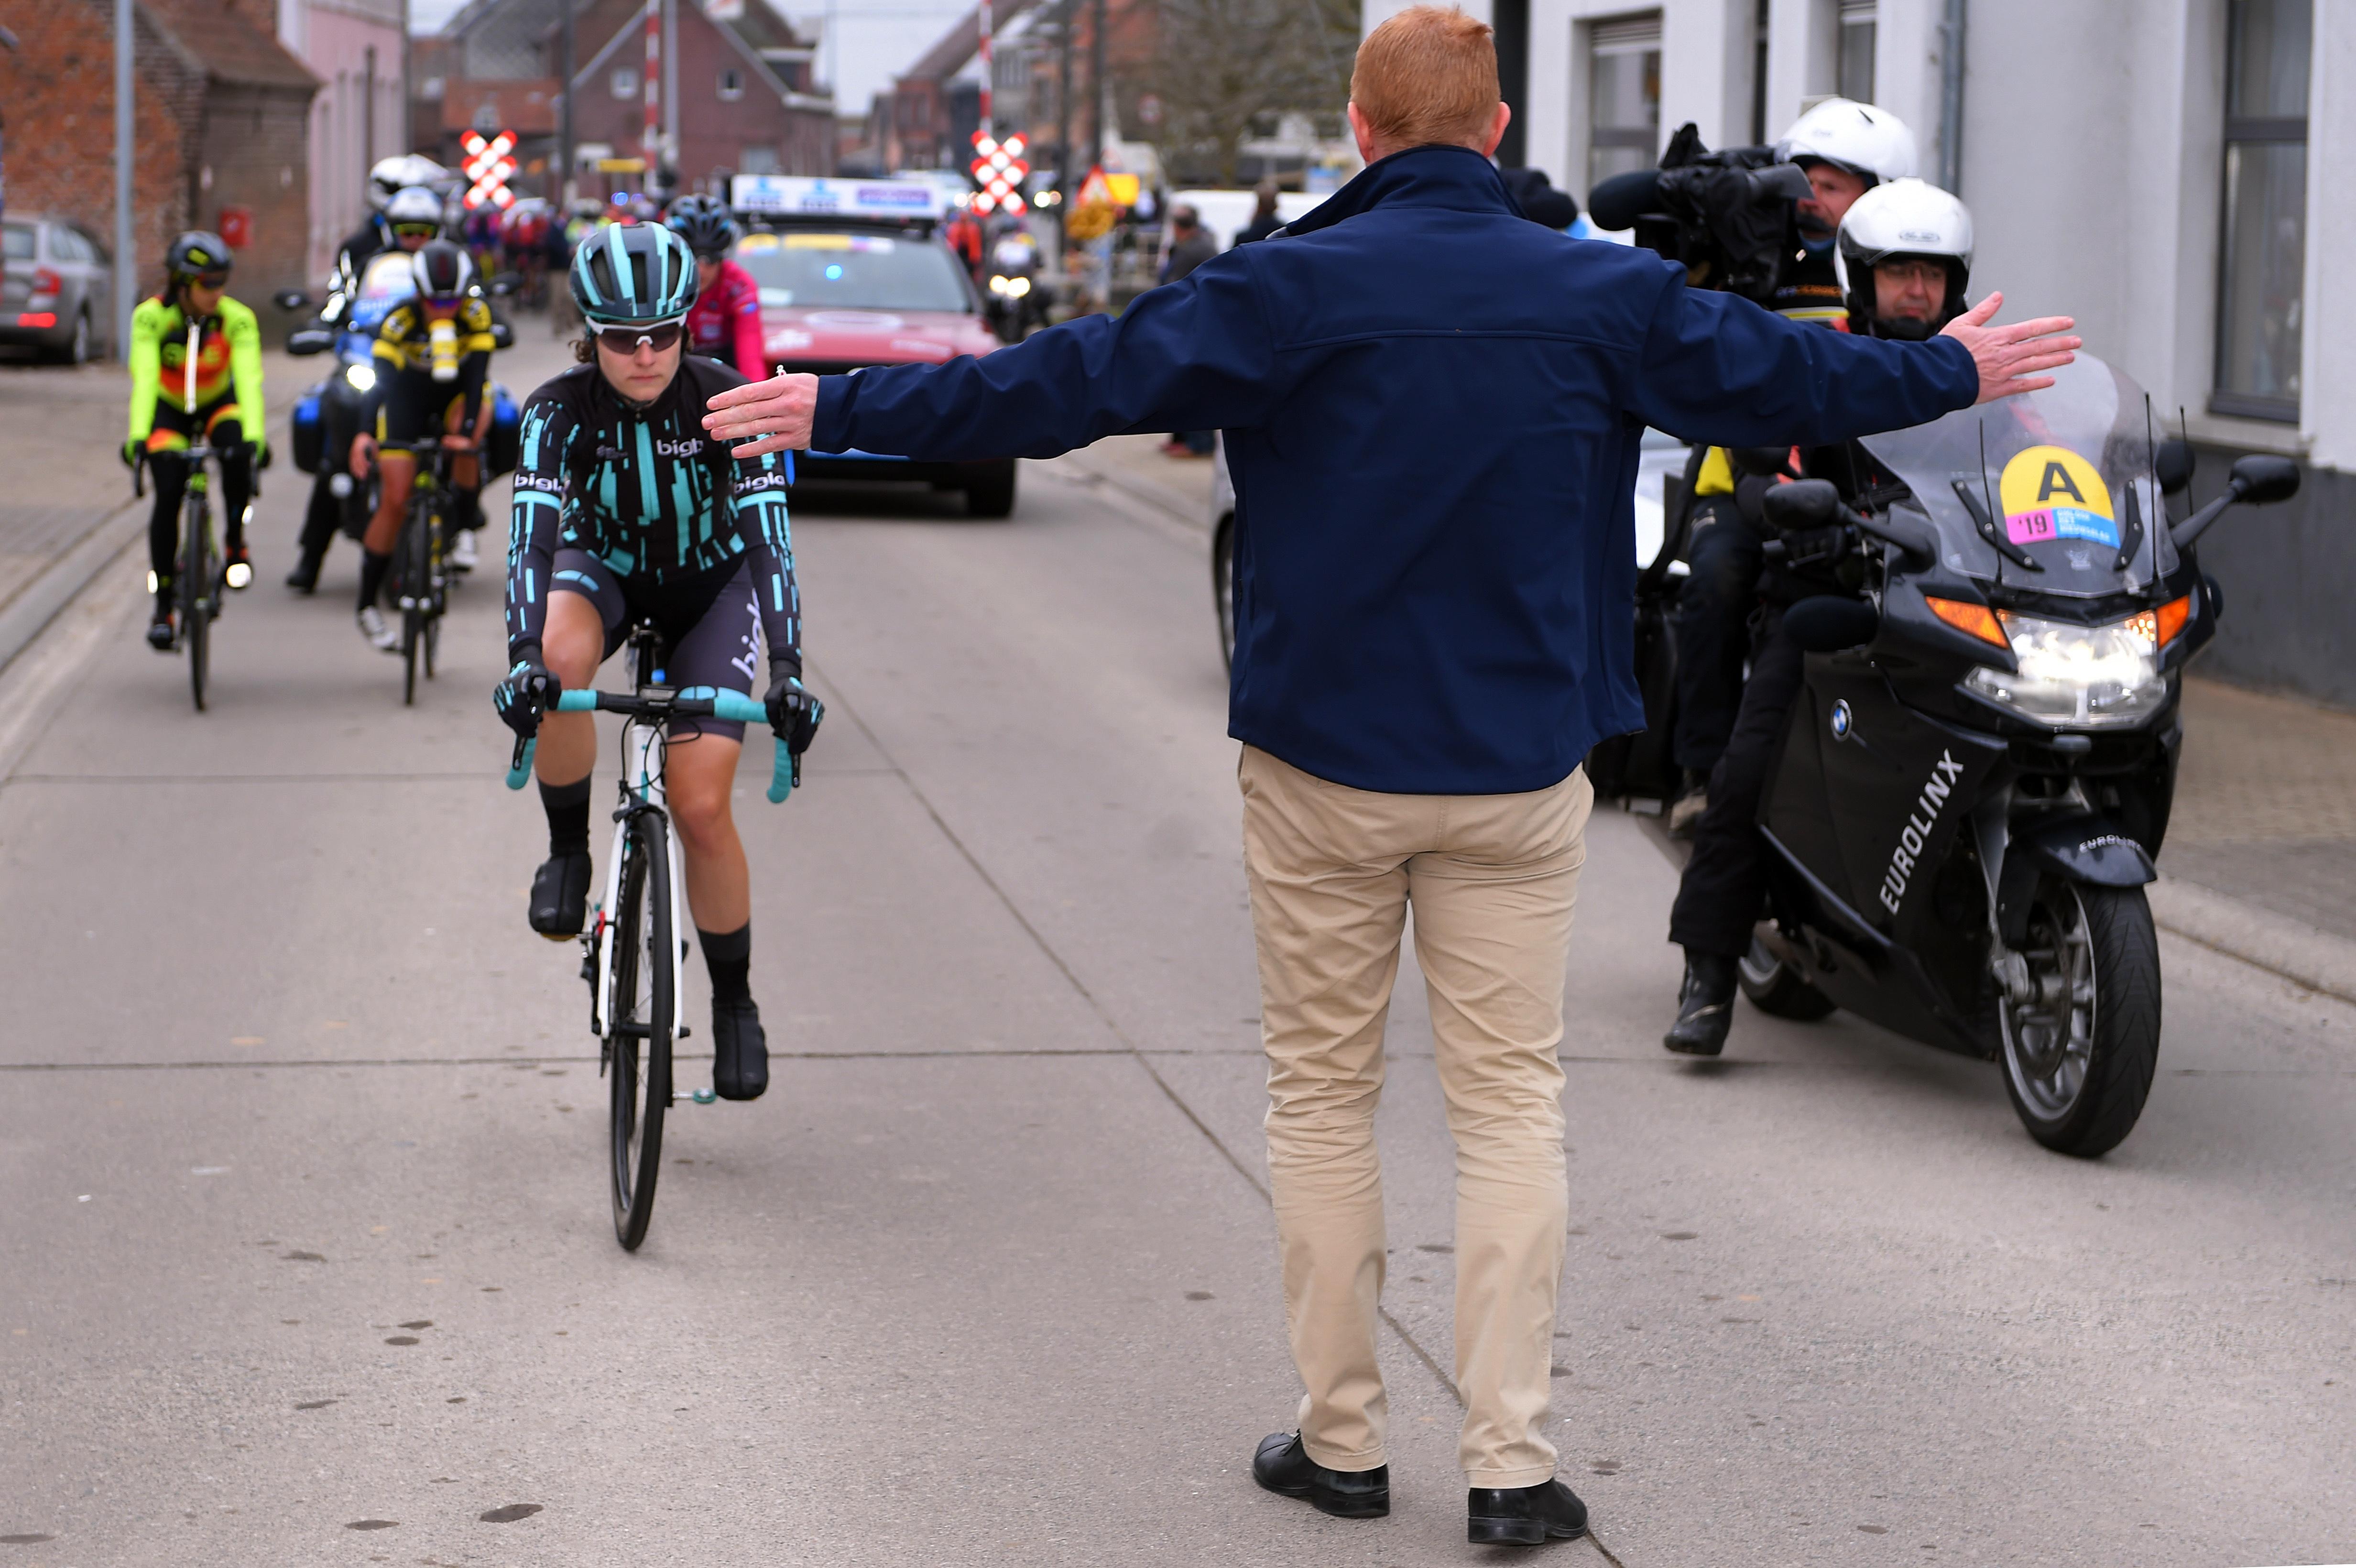 Nicole Hanselmann of Switzerland during the 13th Omloop Het Nieuwsblad race in Ninove, Belgium on March 2, 2019.